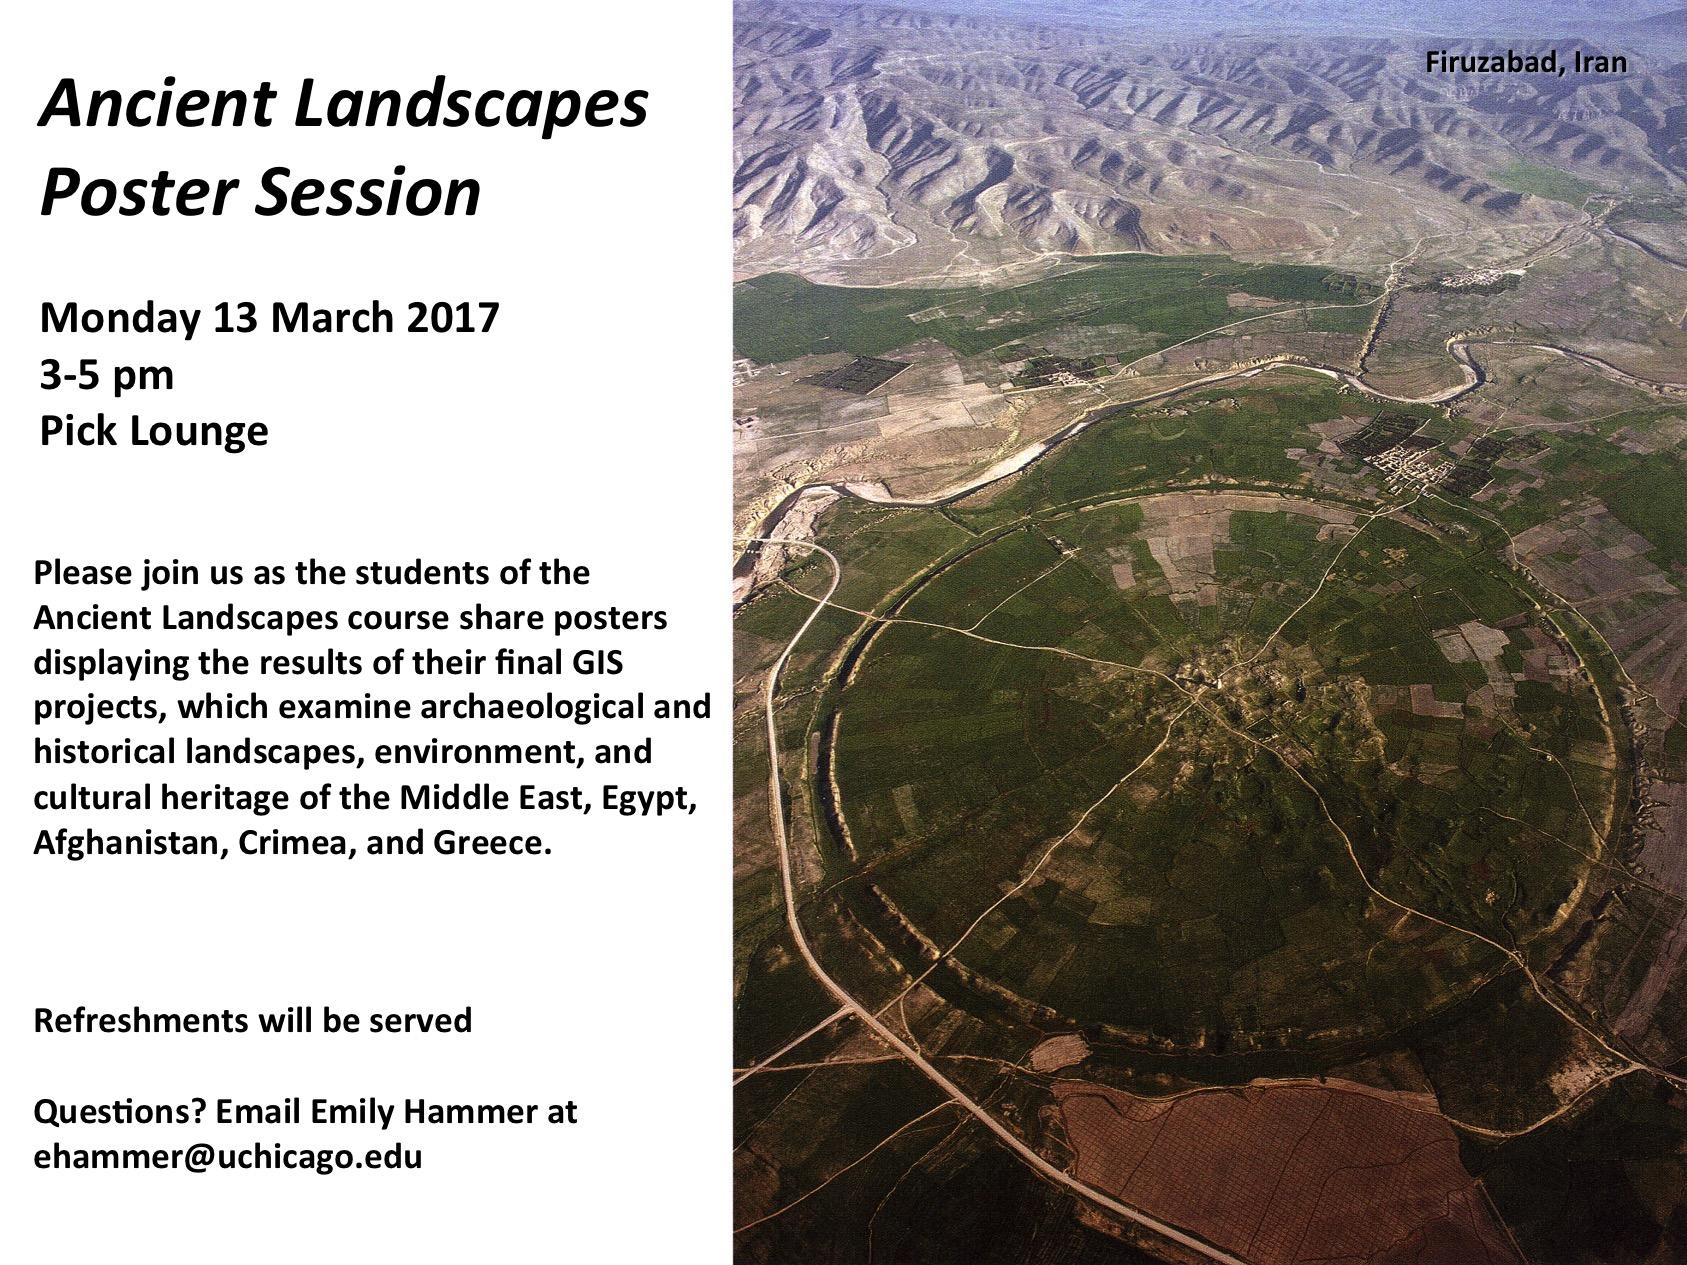 Ancient Landscapes 2017